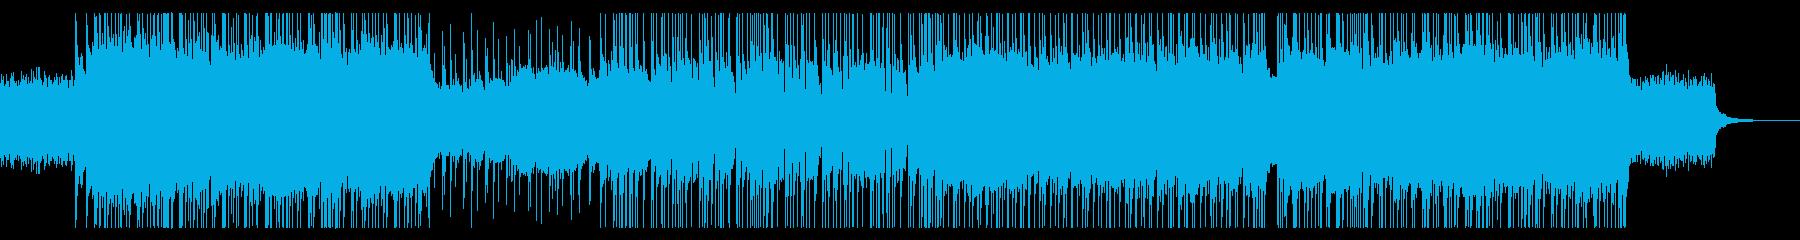 不協和音響くニューメタルの再生済みの波形